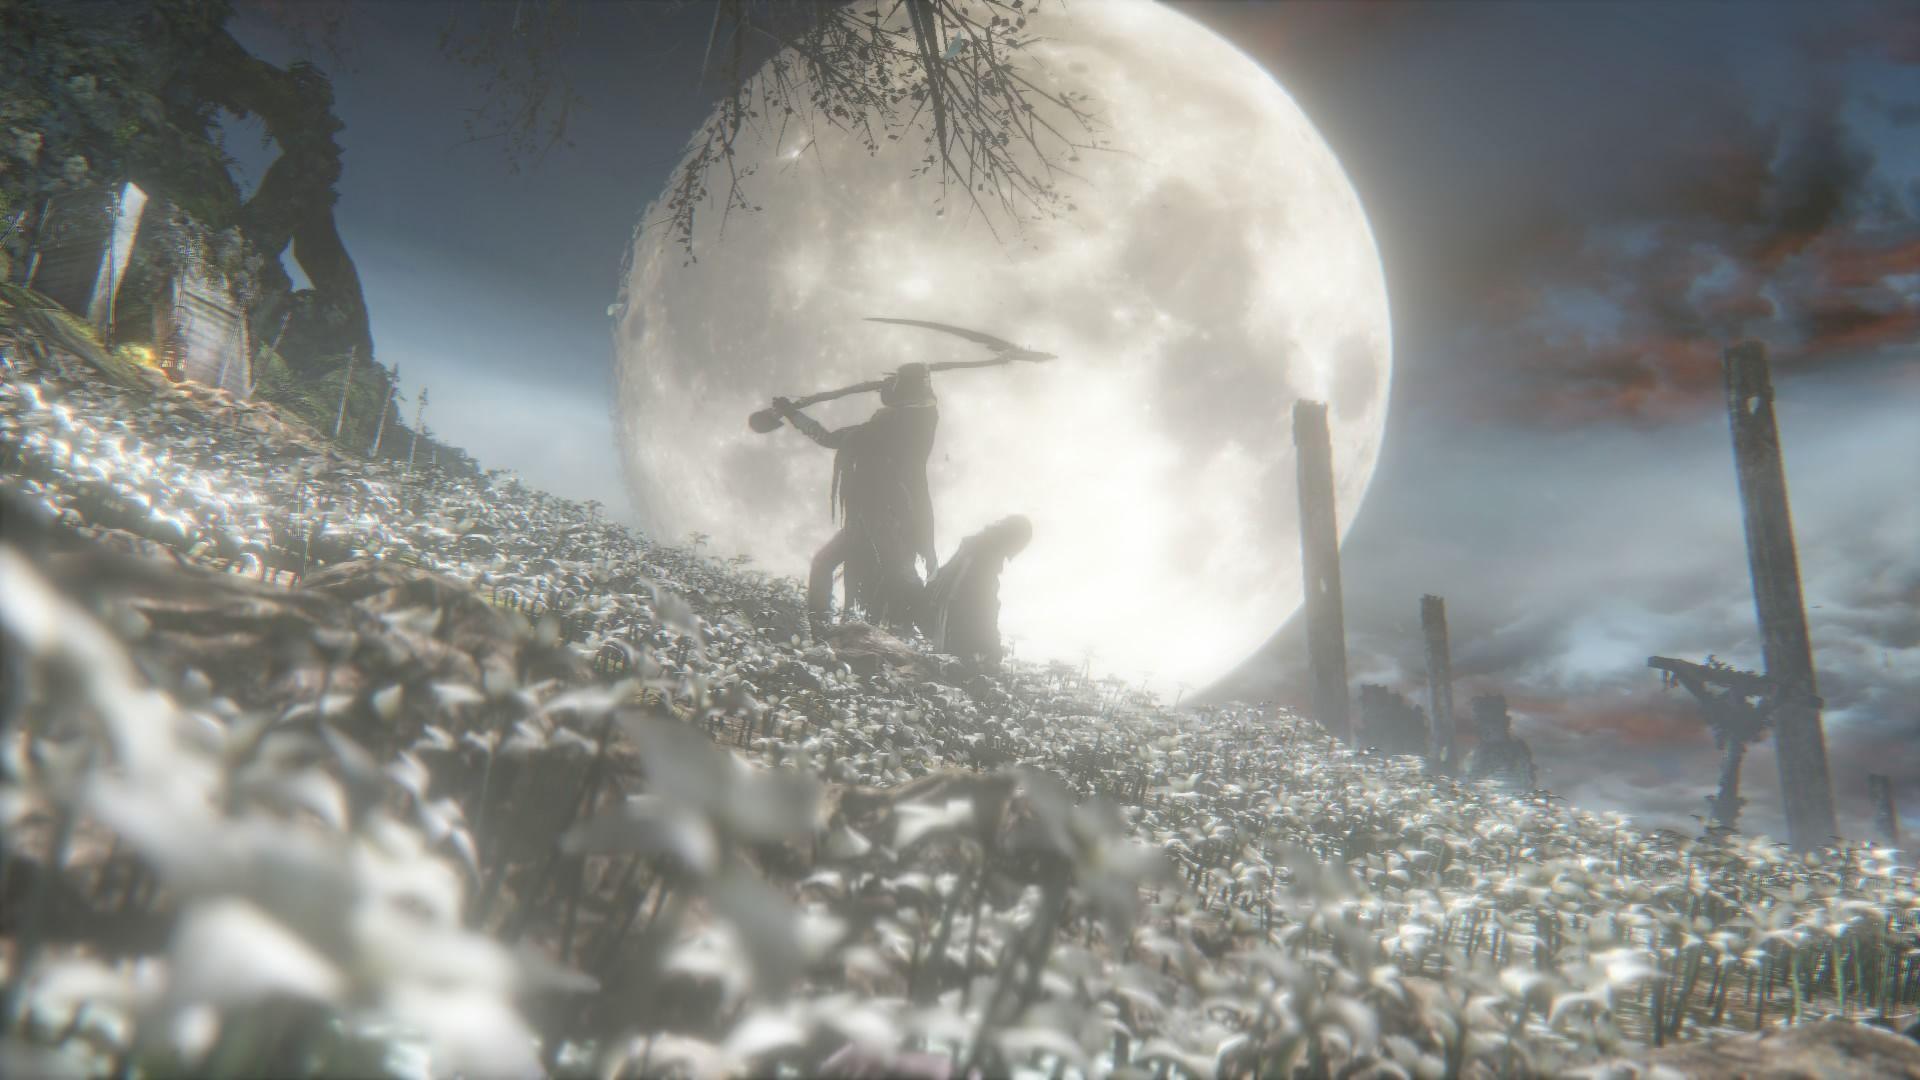 Bloodbourne Bloodborne art, Dark fantasy art, Dark souls